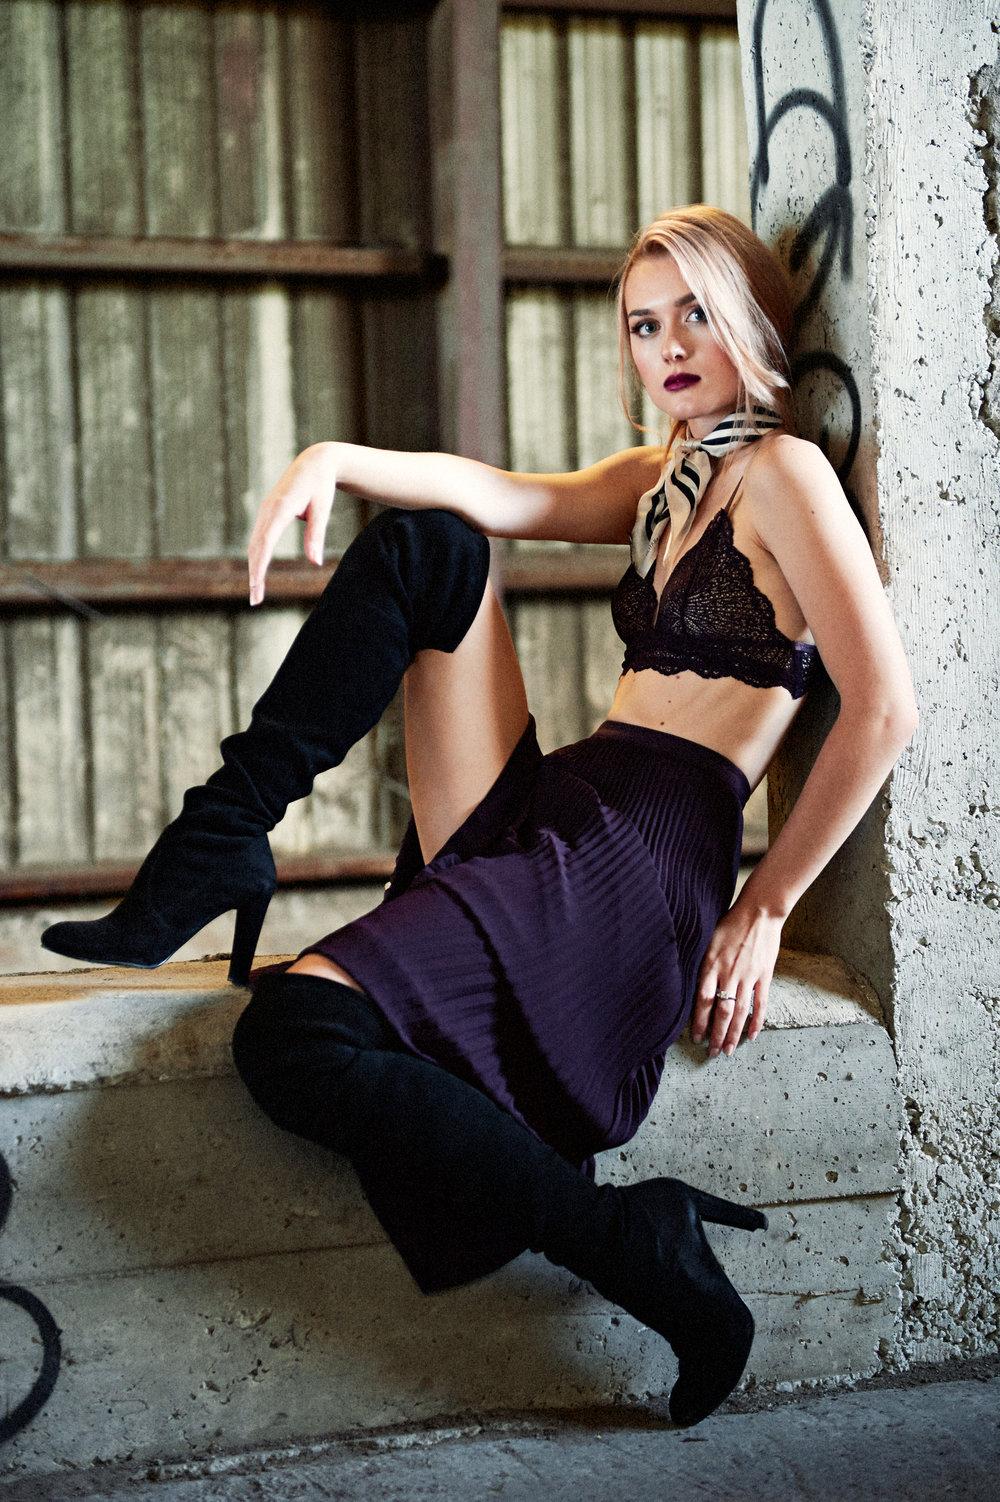 Marta-Hewson-Taylor-Greenaway-Model-Photoshoot-8455.jpg